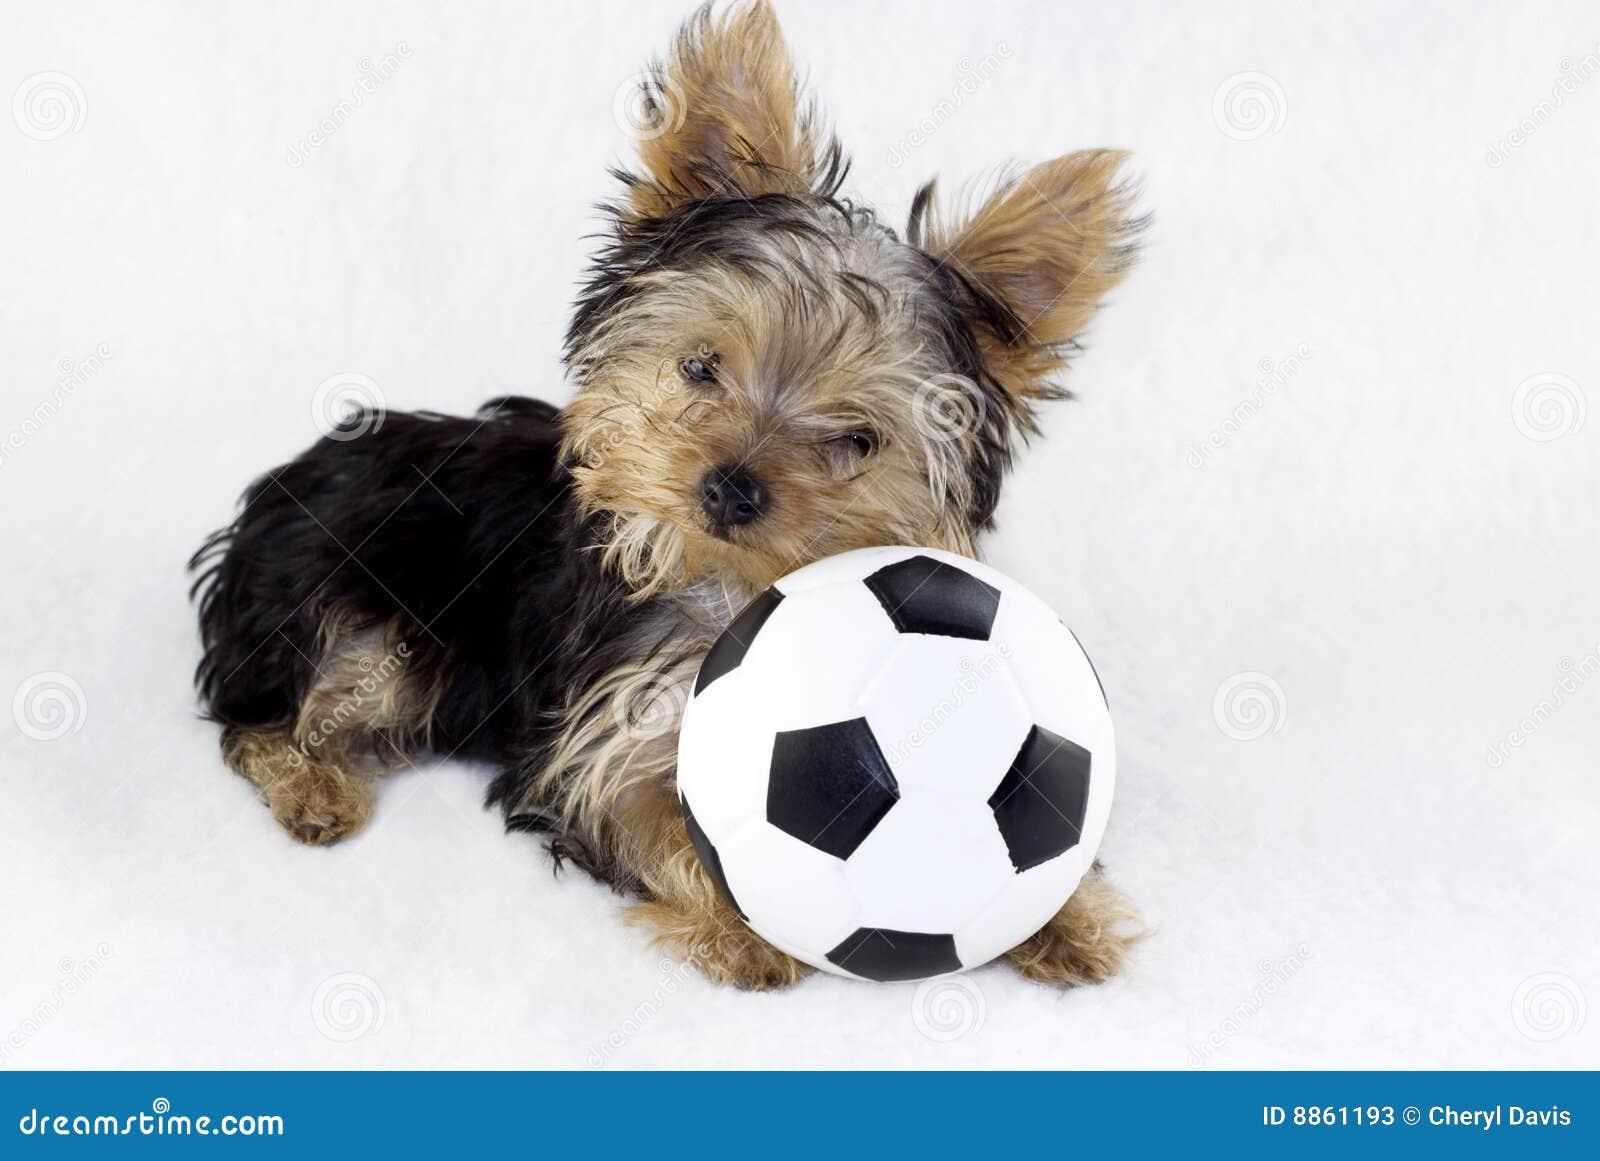 jouet yorkshire de chien terrier du football de chiot de bille image stock image du brun race. Black Bedroom Furniture Sets. Home Design Ideas